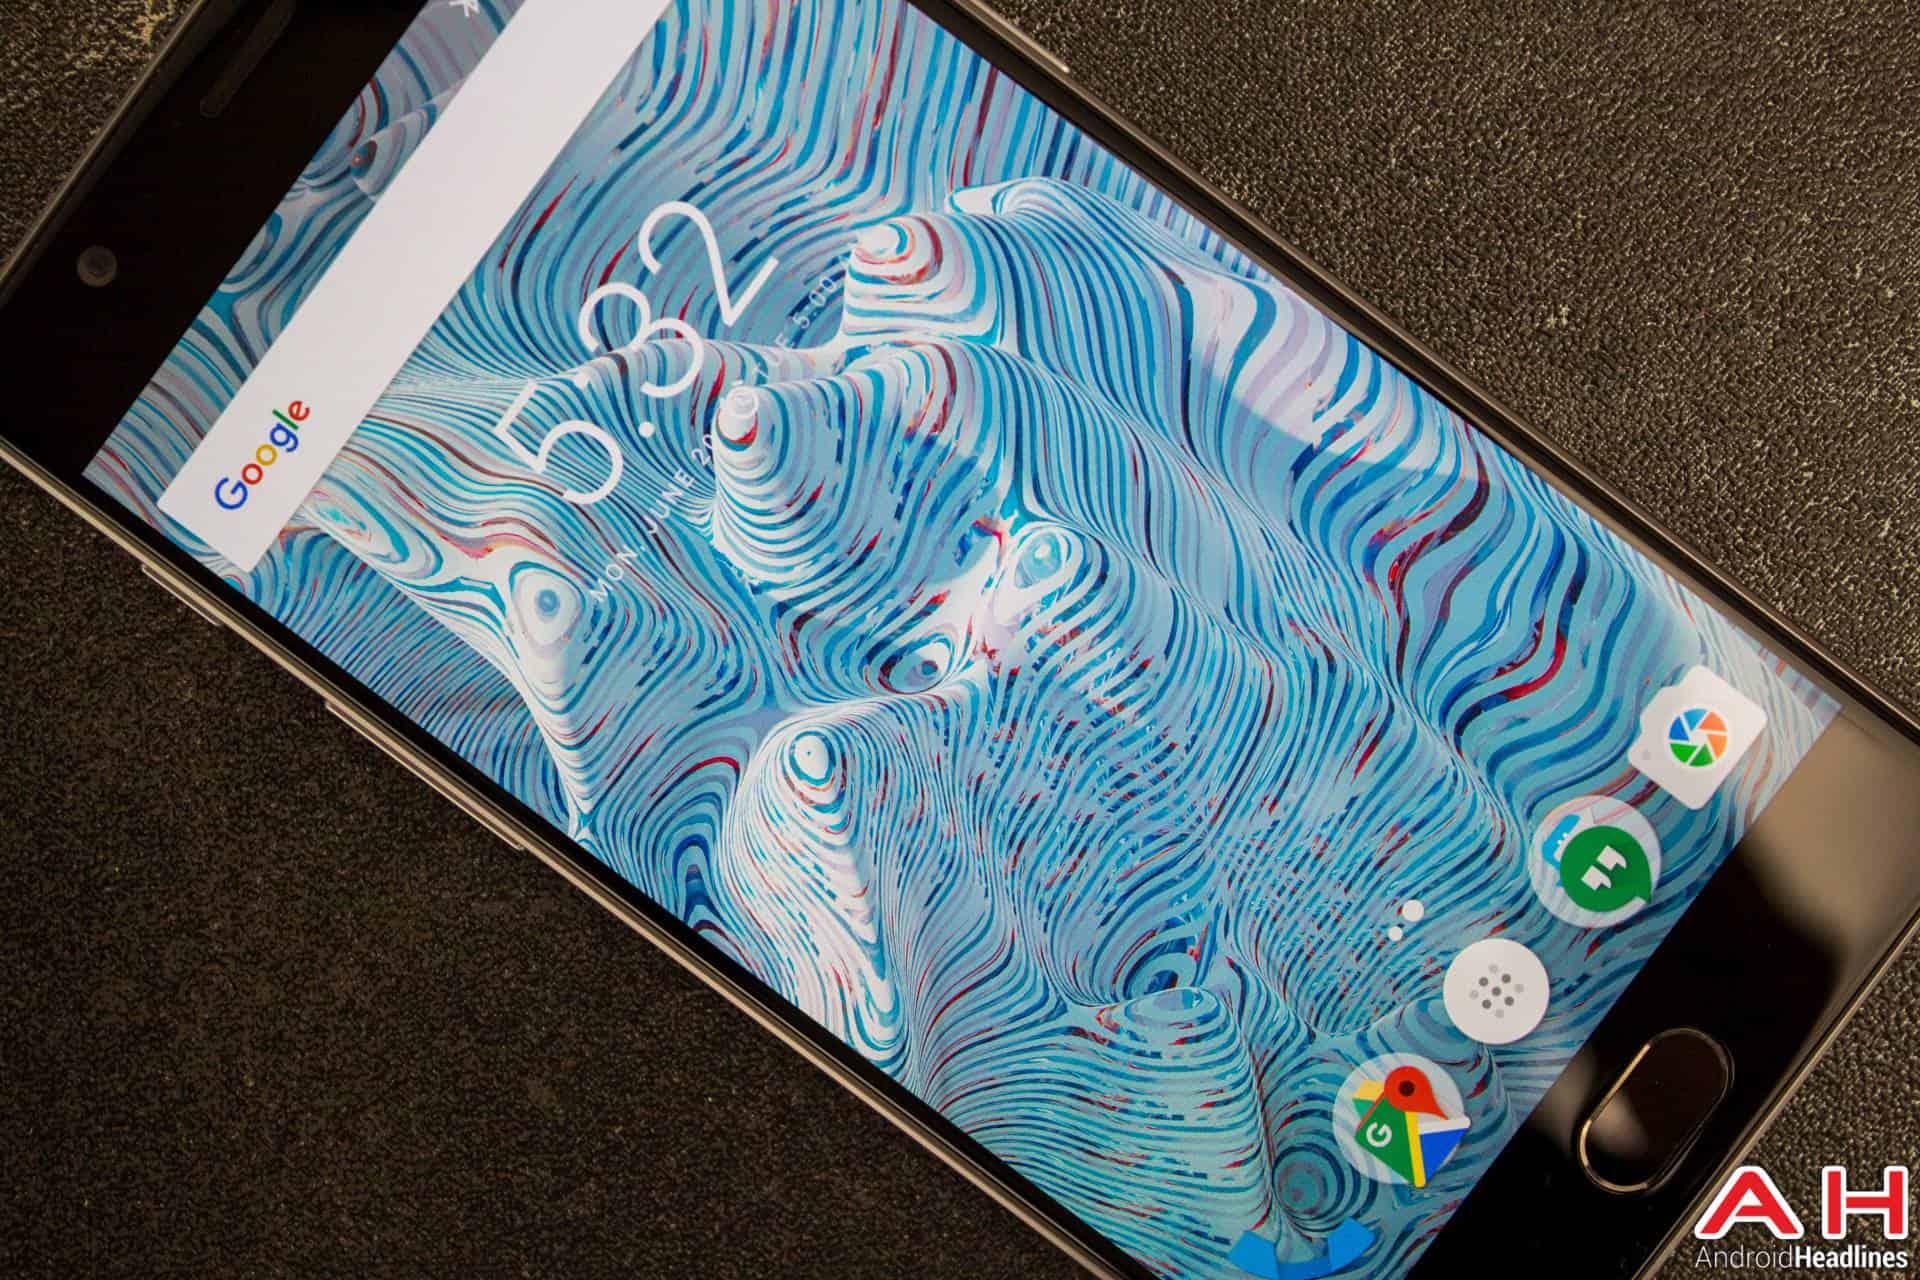 OnePlus-3-AH-NS-display